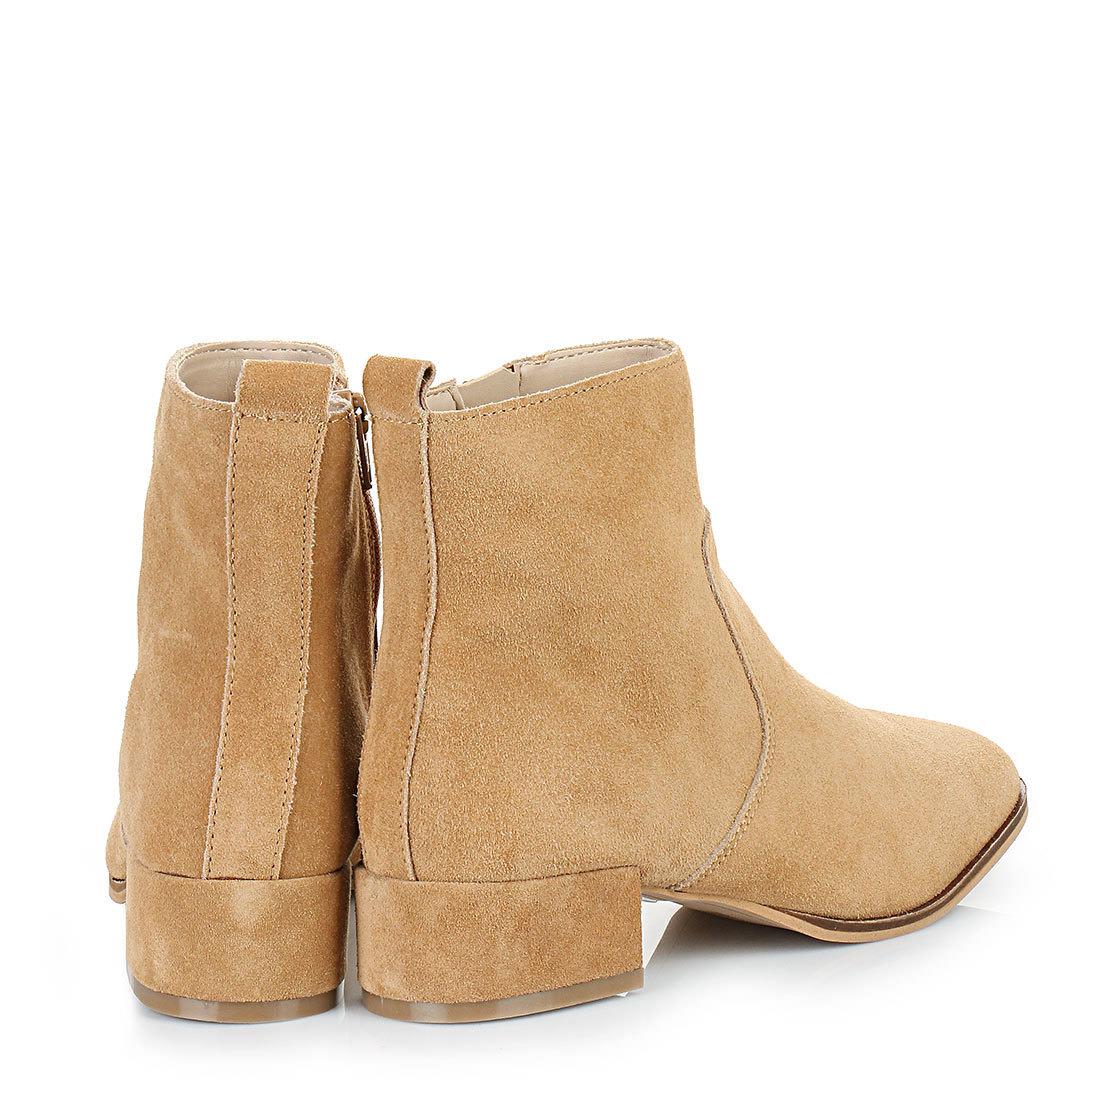 buffalo ankle boots in beige buy online in buffalo online shop buffalo. Black Bedroom Furniture Sets. Home Design Ideas